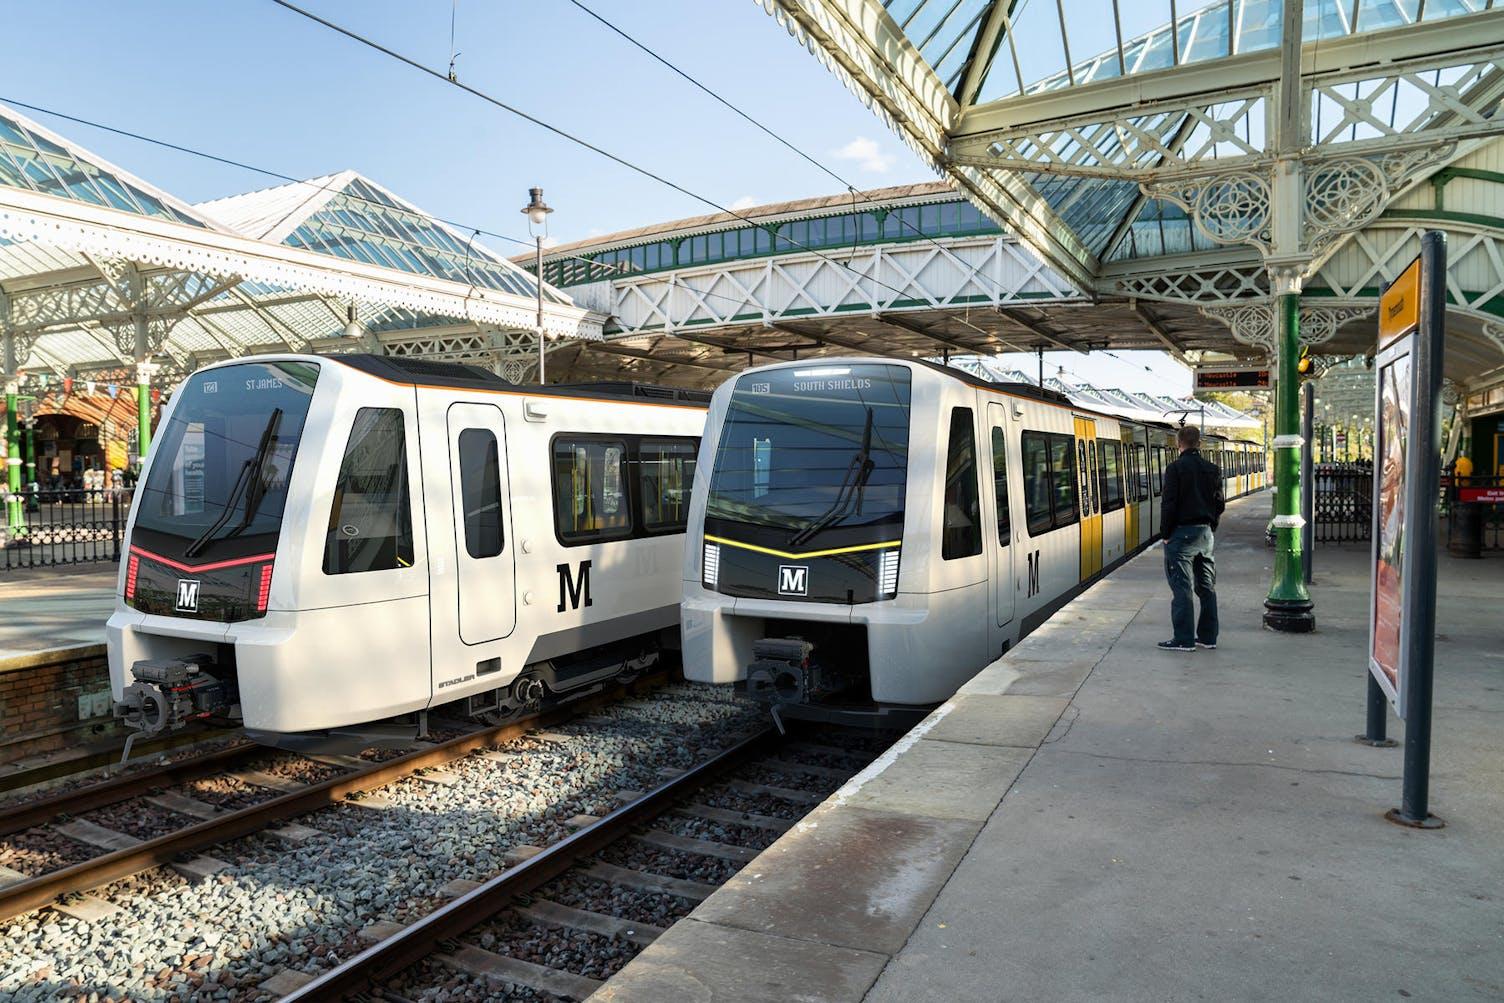 Stadler Metro